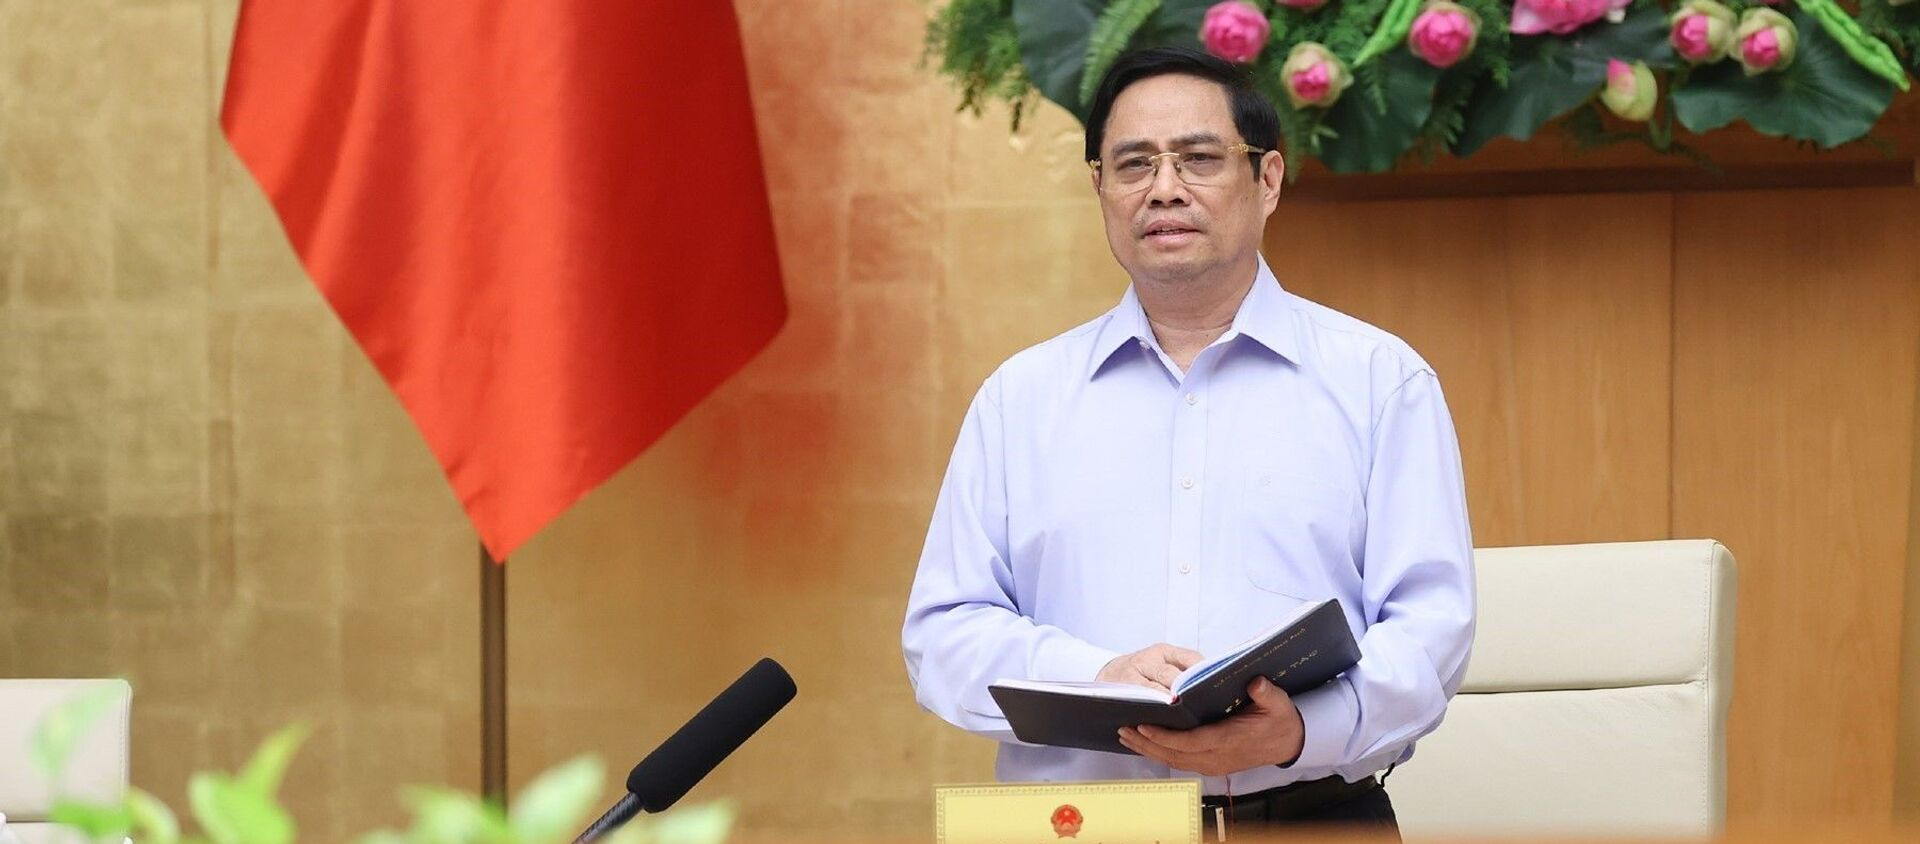 Thủ tướng Phạm Minh Chính phát biểu kết luận hội nghị - Sputnik Việt Nam, 1920, 30.07.2021